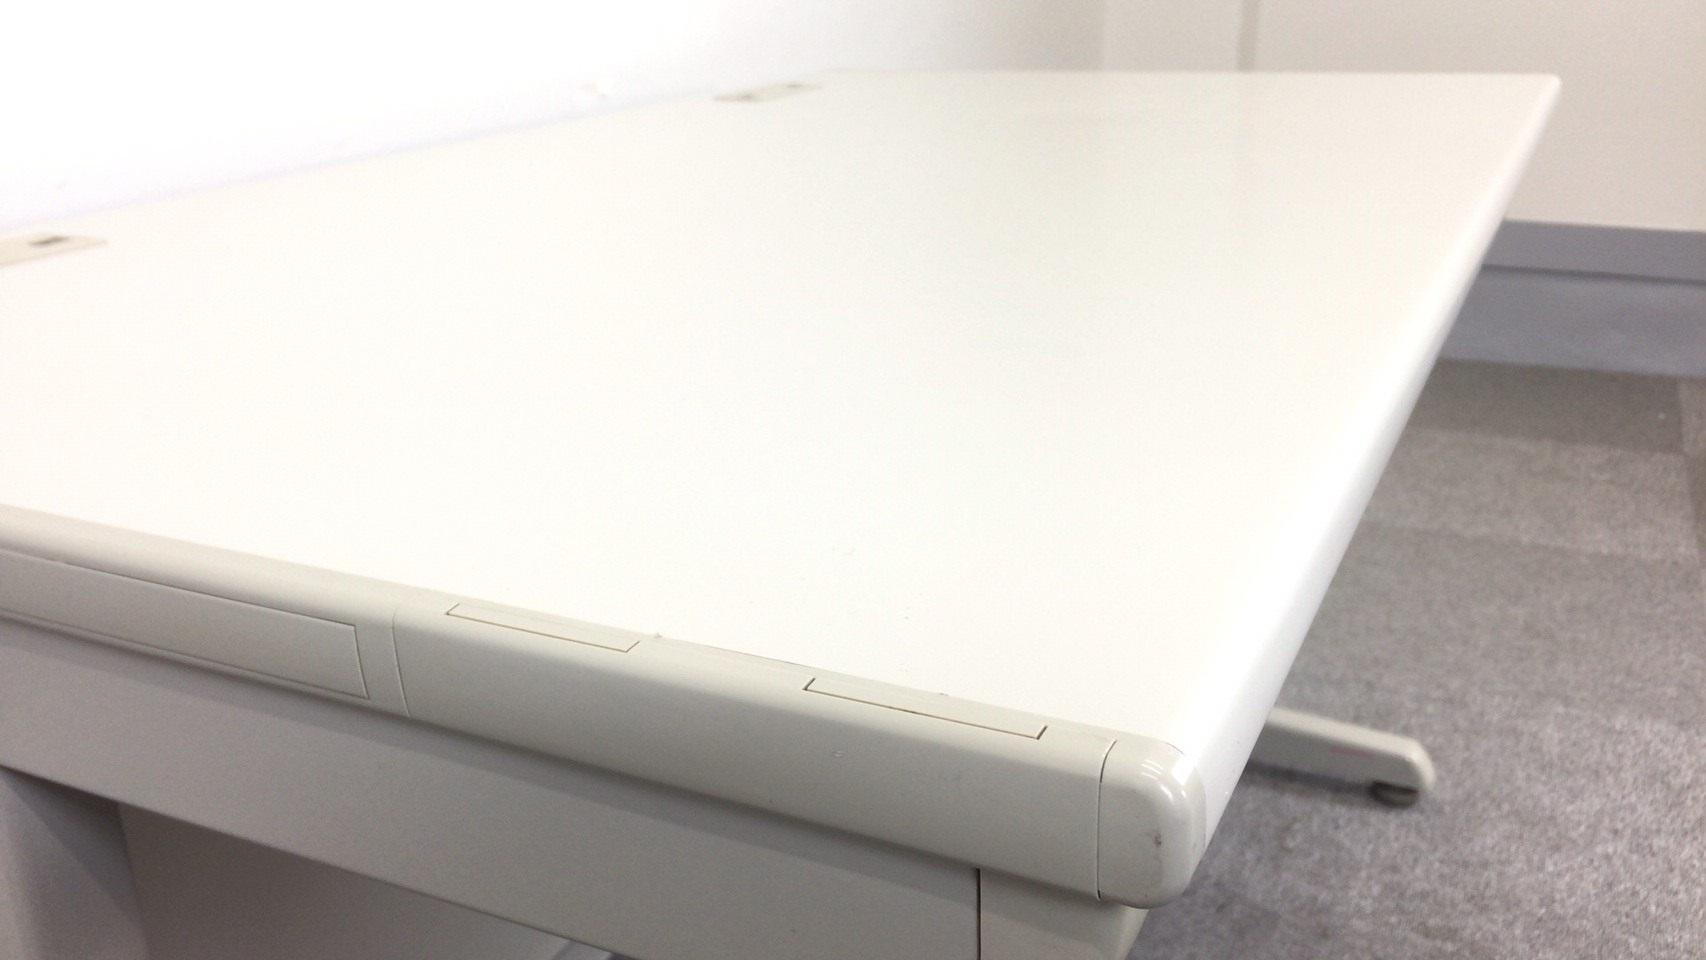 [商品入れ替えにつき値下げ中!][便利な配線タップ2か所付き]平デスク 事務机 幅1200mmタイプ 岡村製作所 SDシリーズ|SD-Vシリーズ[SD-V Desk system](中古)